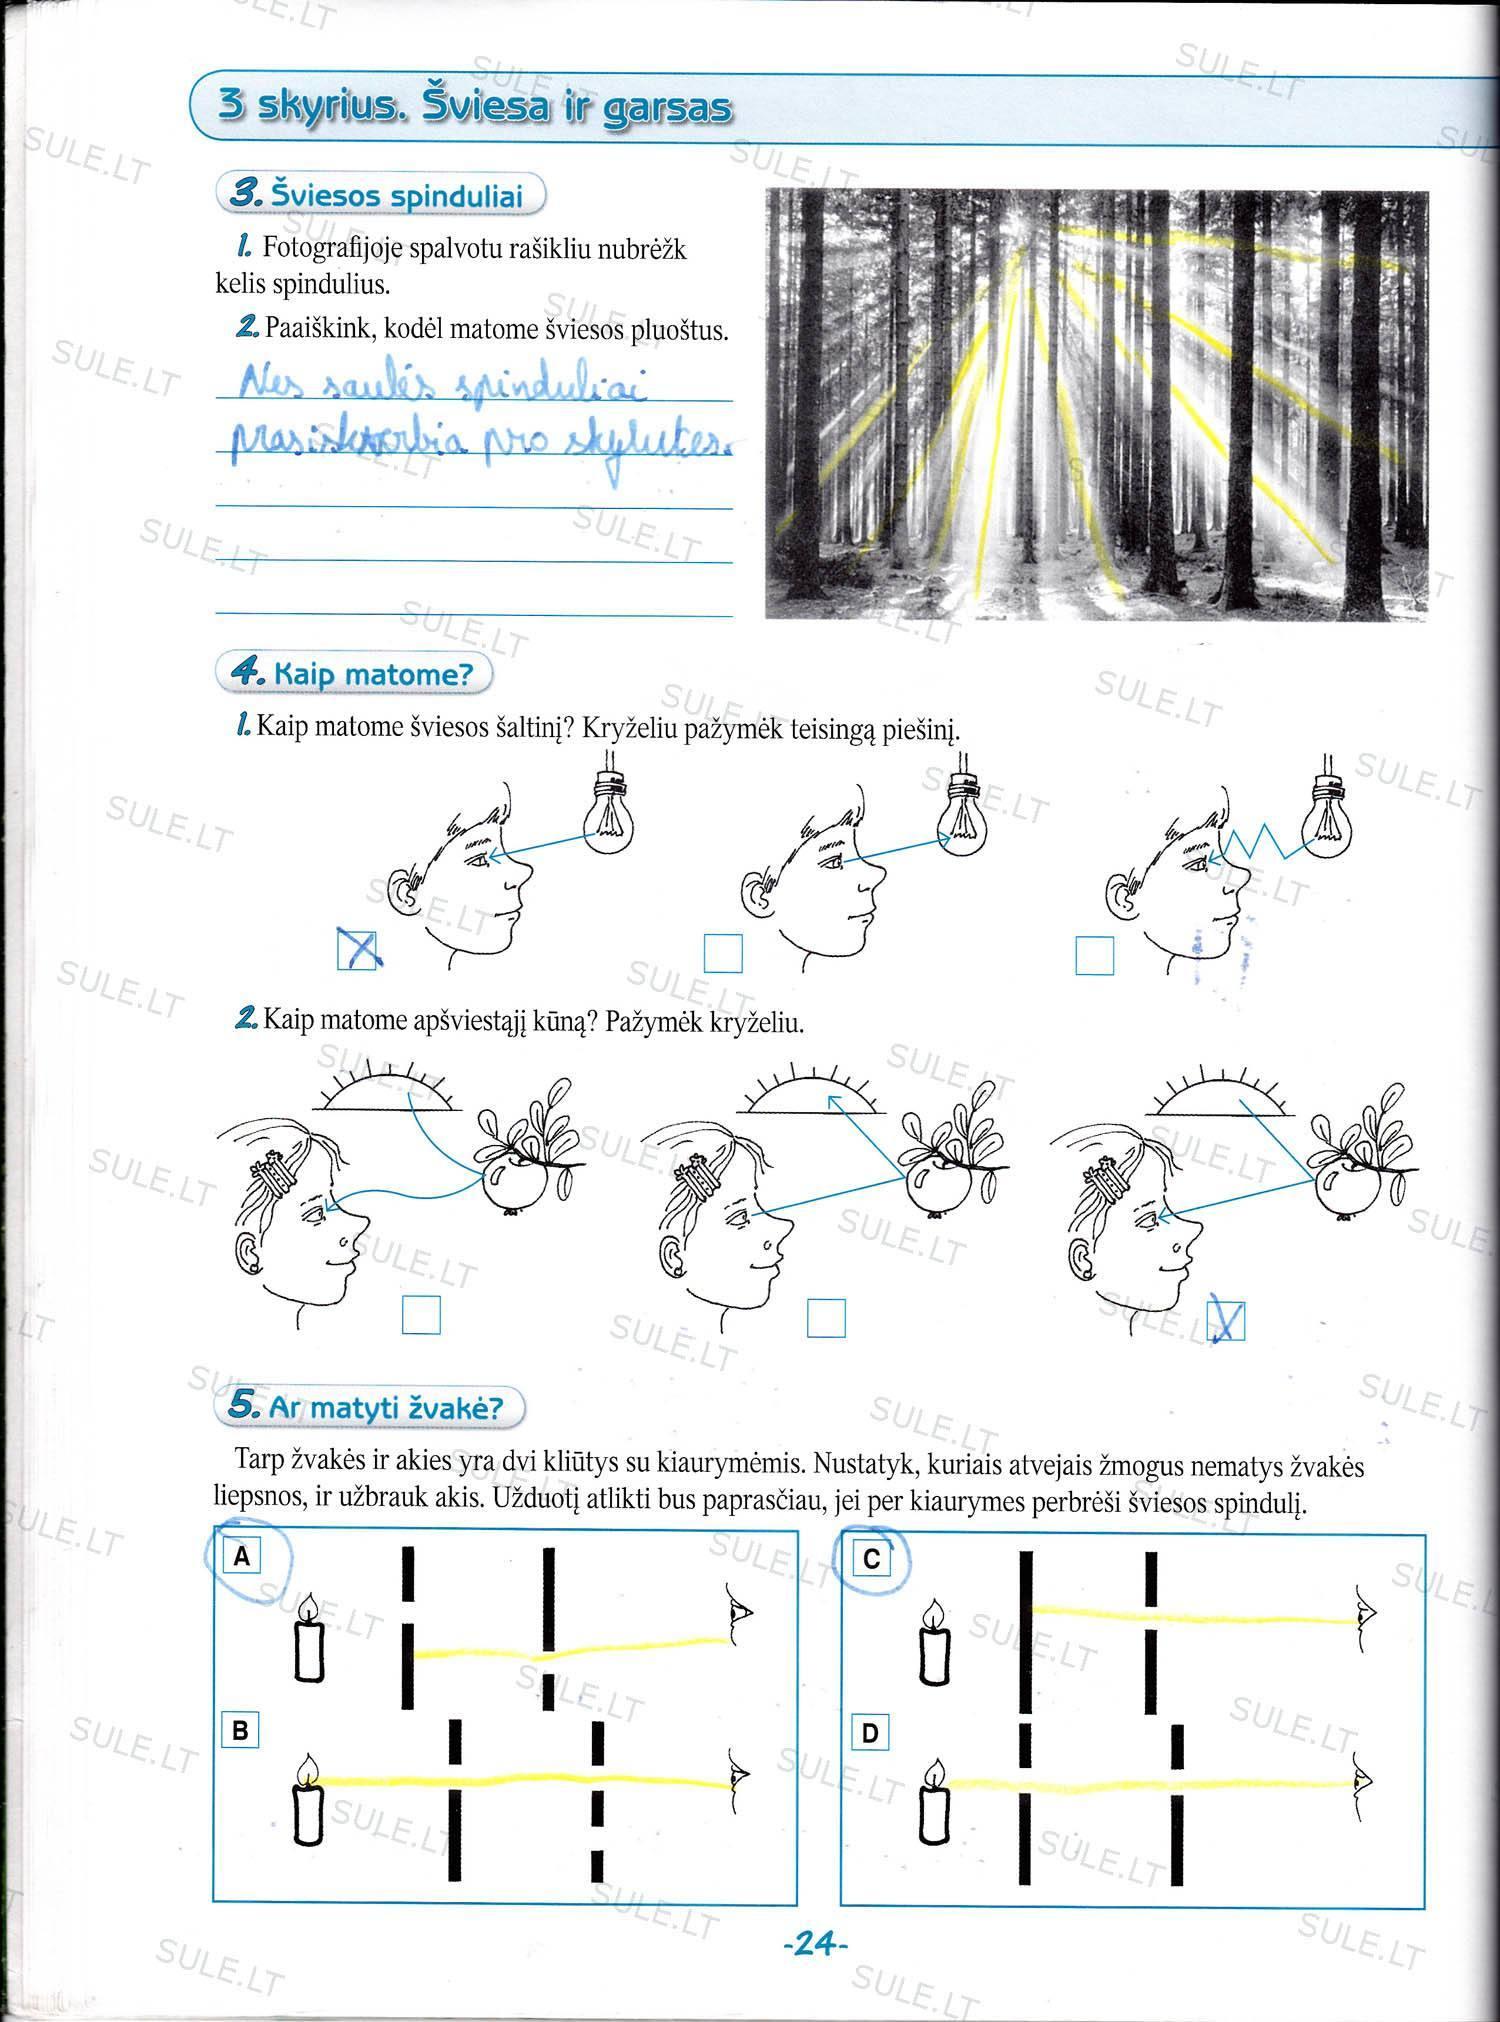 Biologija-6-klasei-2-dalis-24-puslapis1